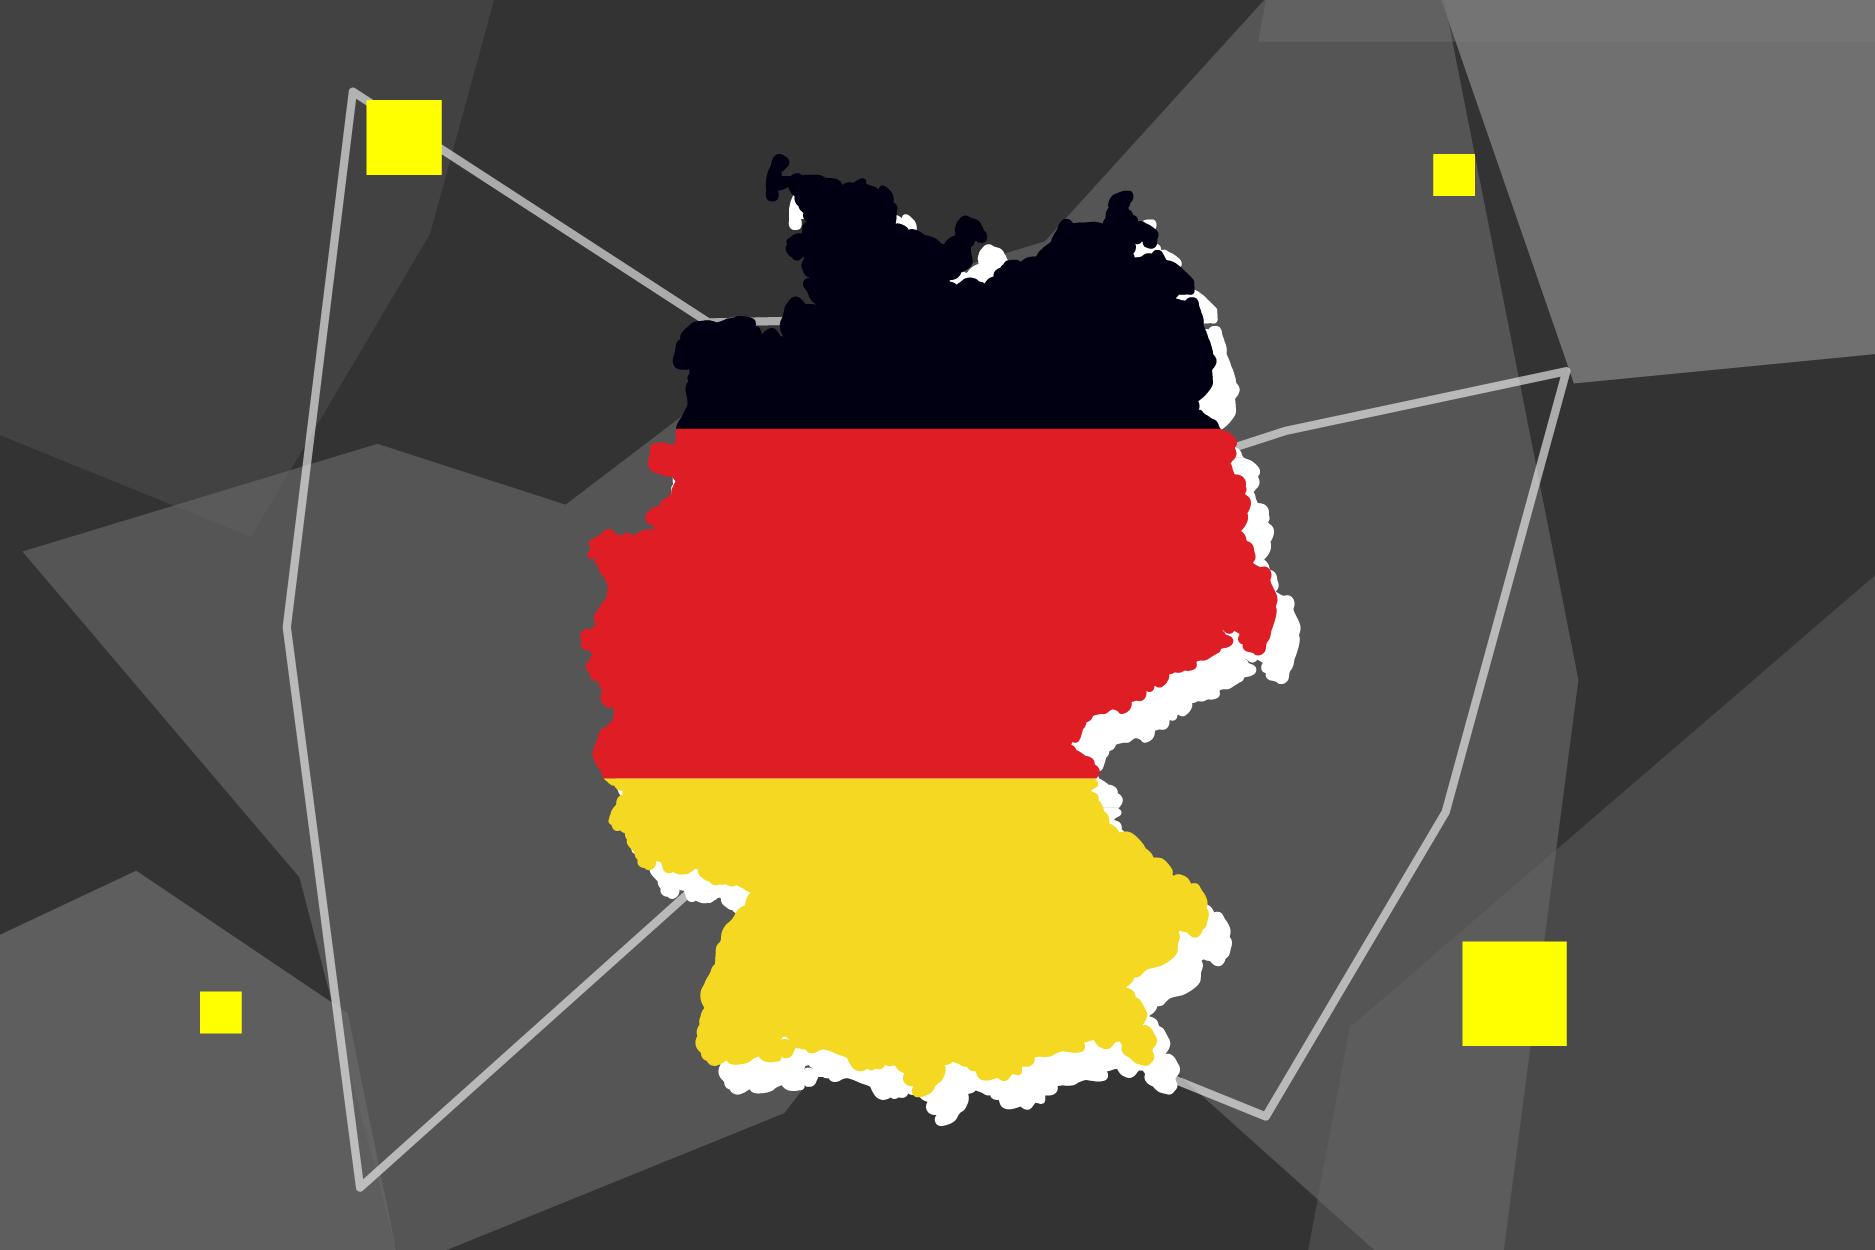 796655. Класс немецкого языка «Sprichst Du Deutsch?»